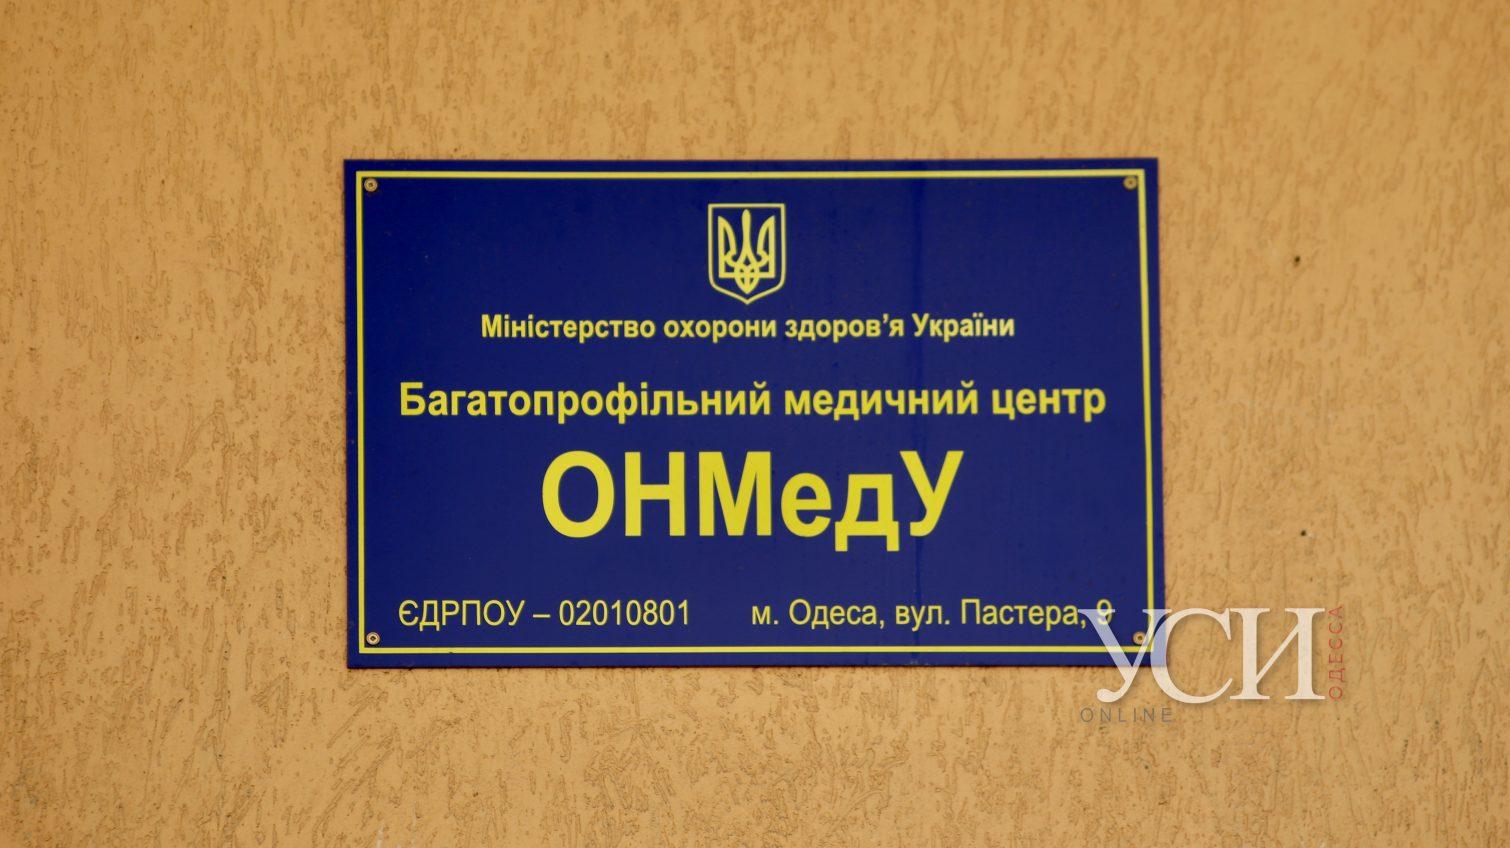 Одесский медин собирается оспаривать решение суда об ограничении доступа и отключении электроэнергии «фото»